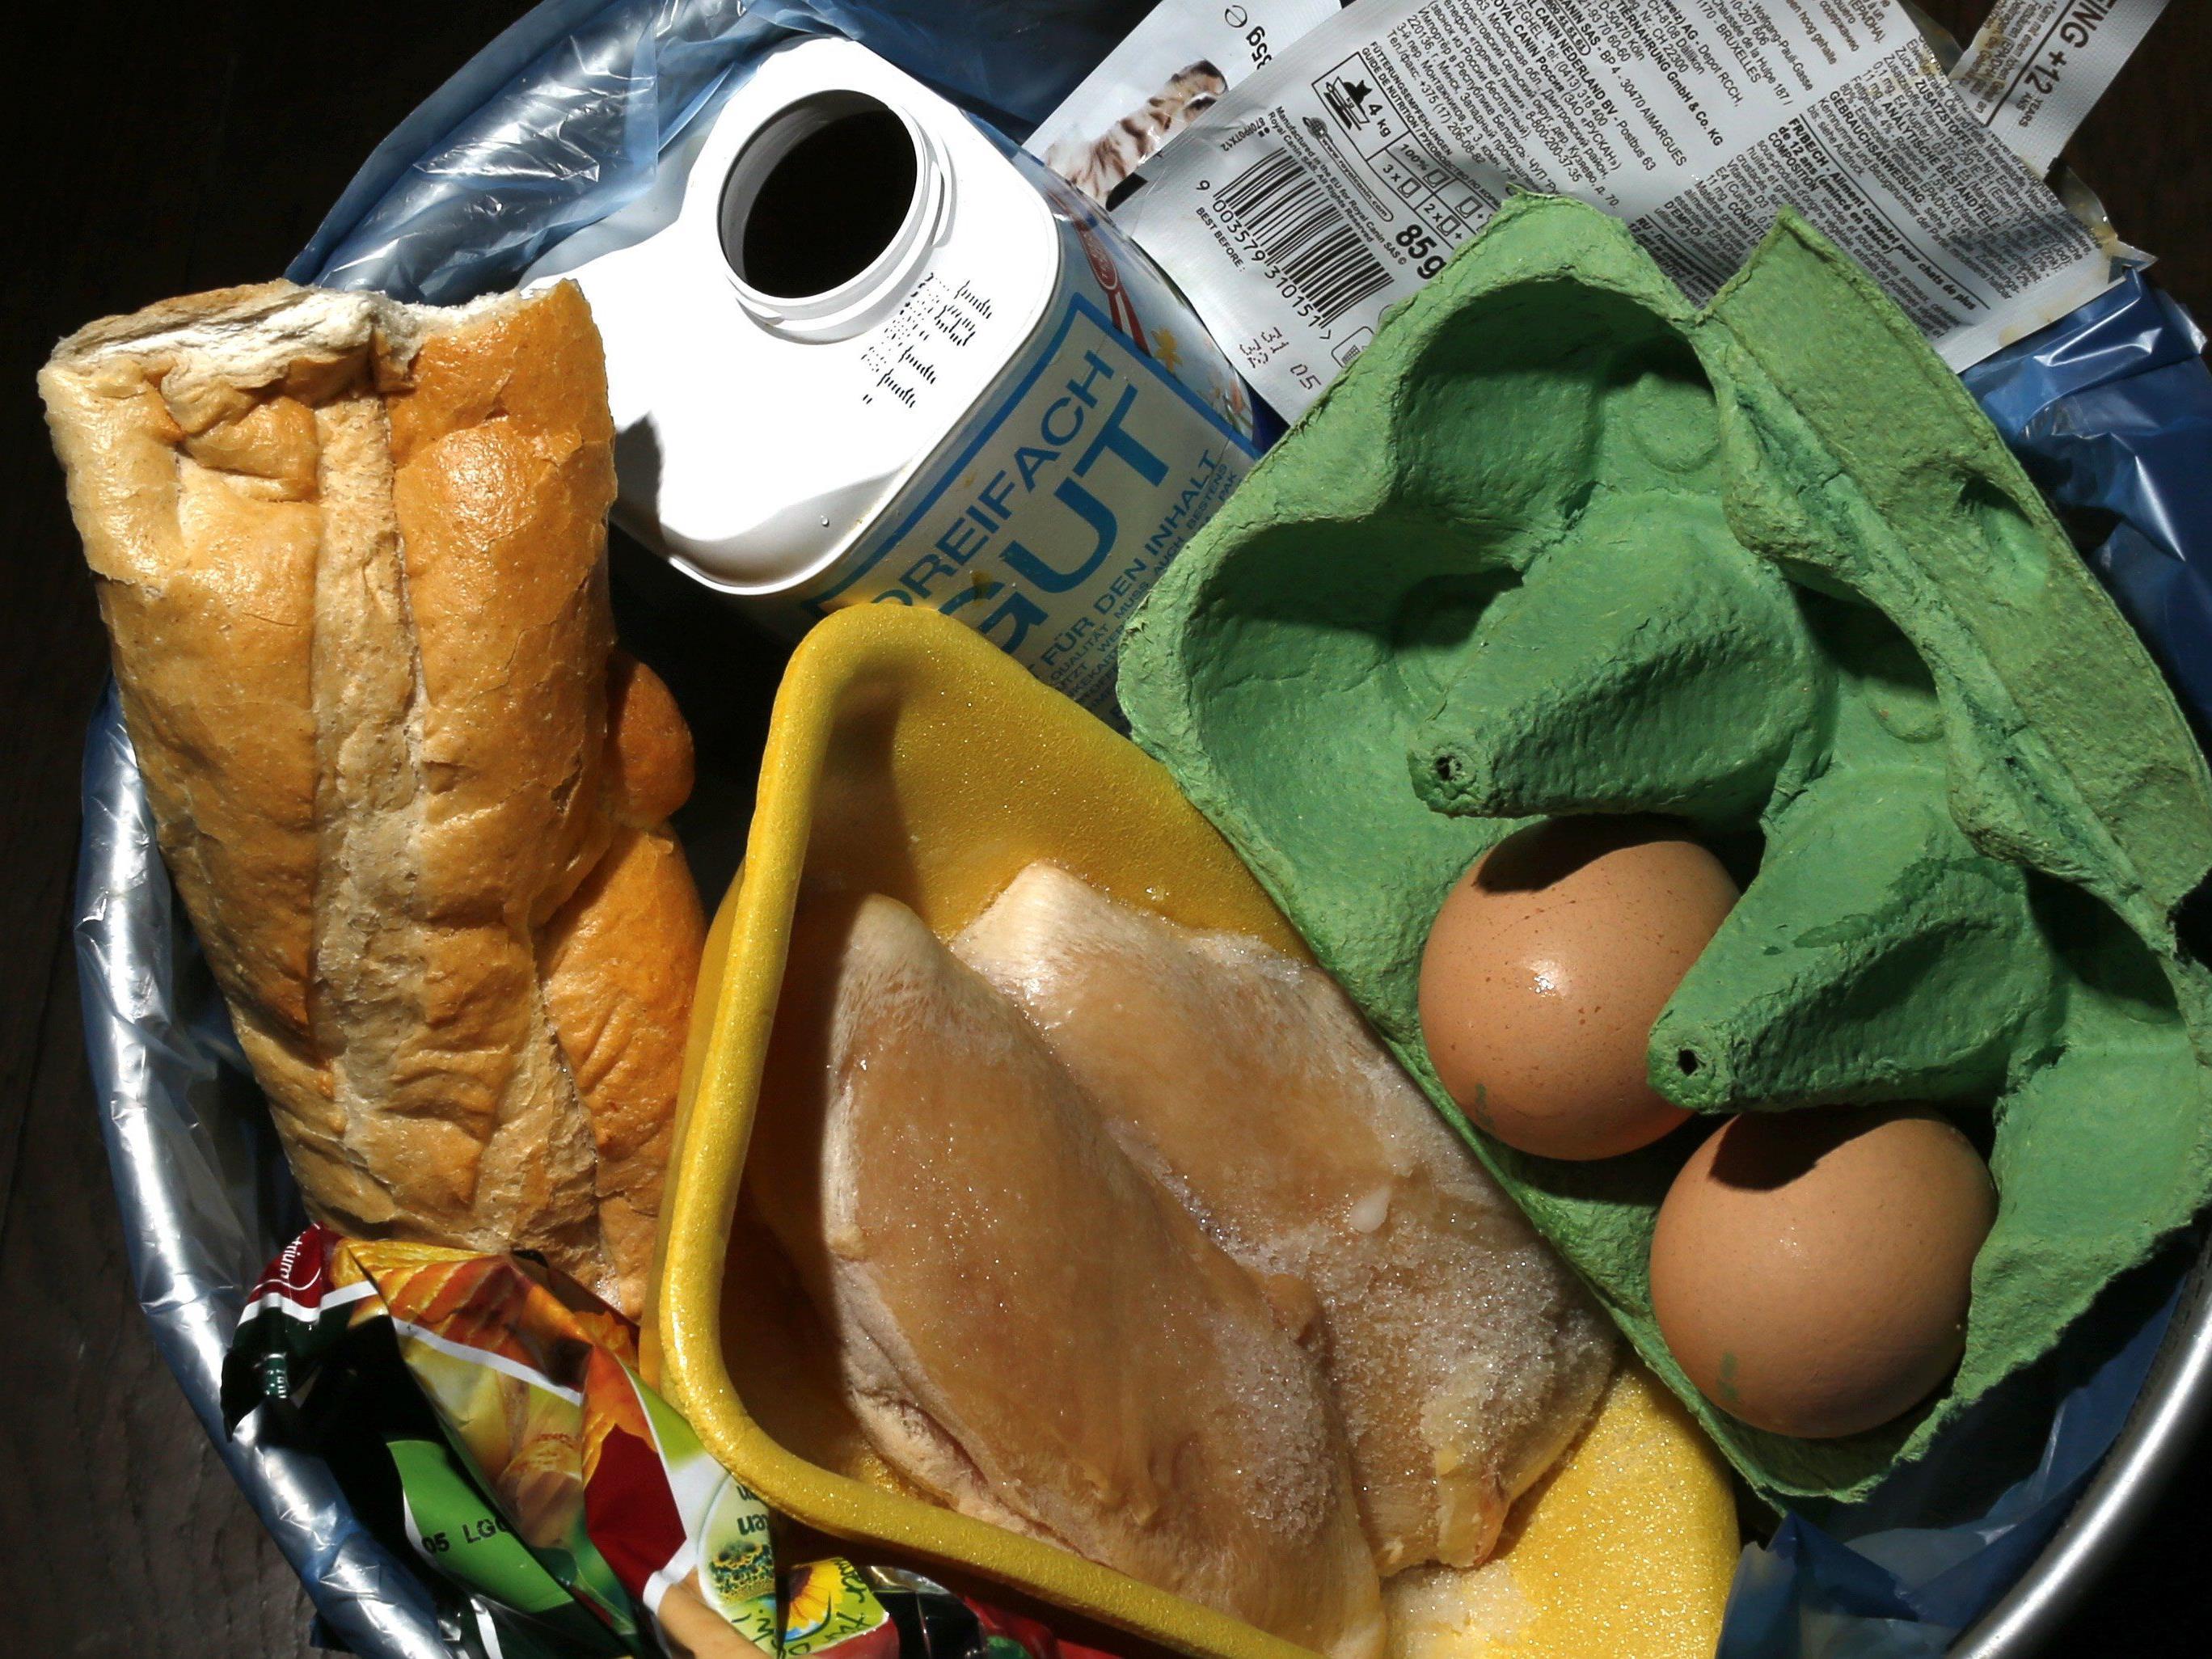 Verschwendung von Lebensmitteln soll eingedämmt werden.